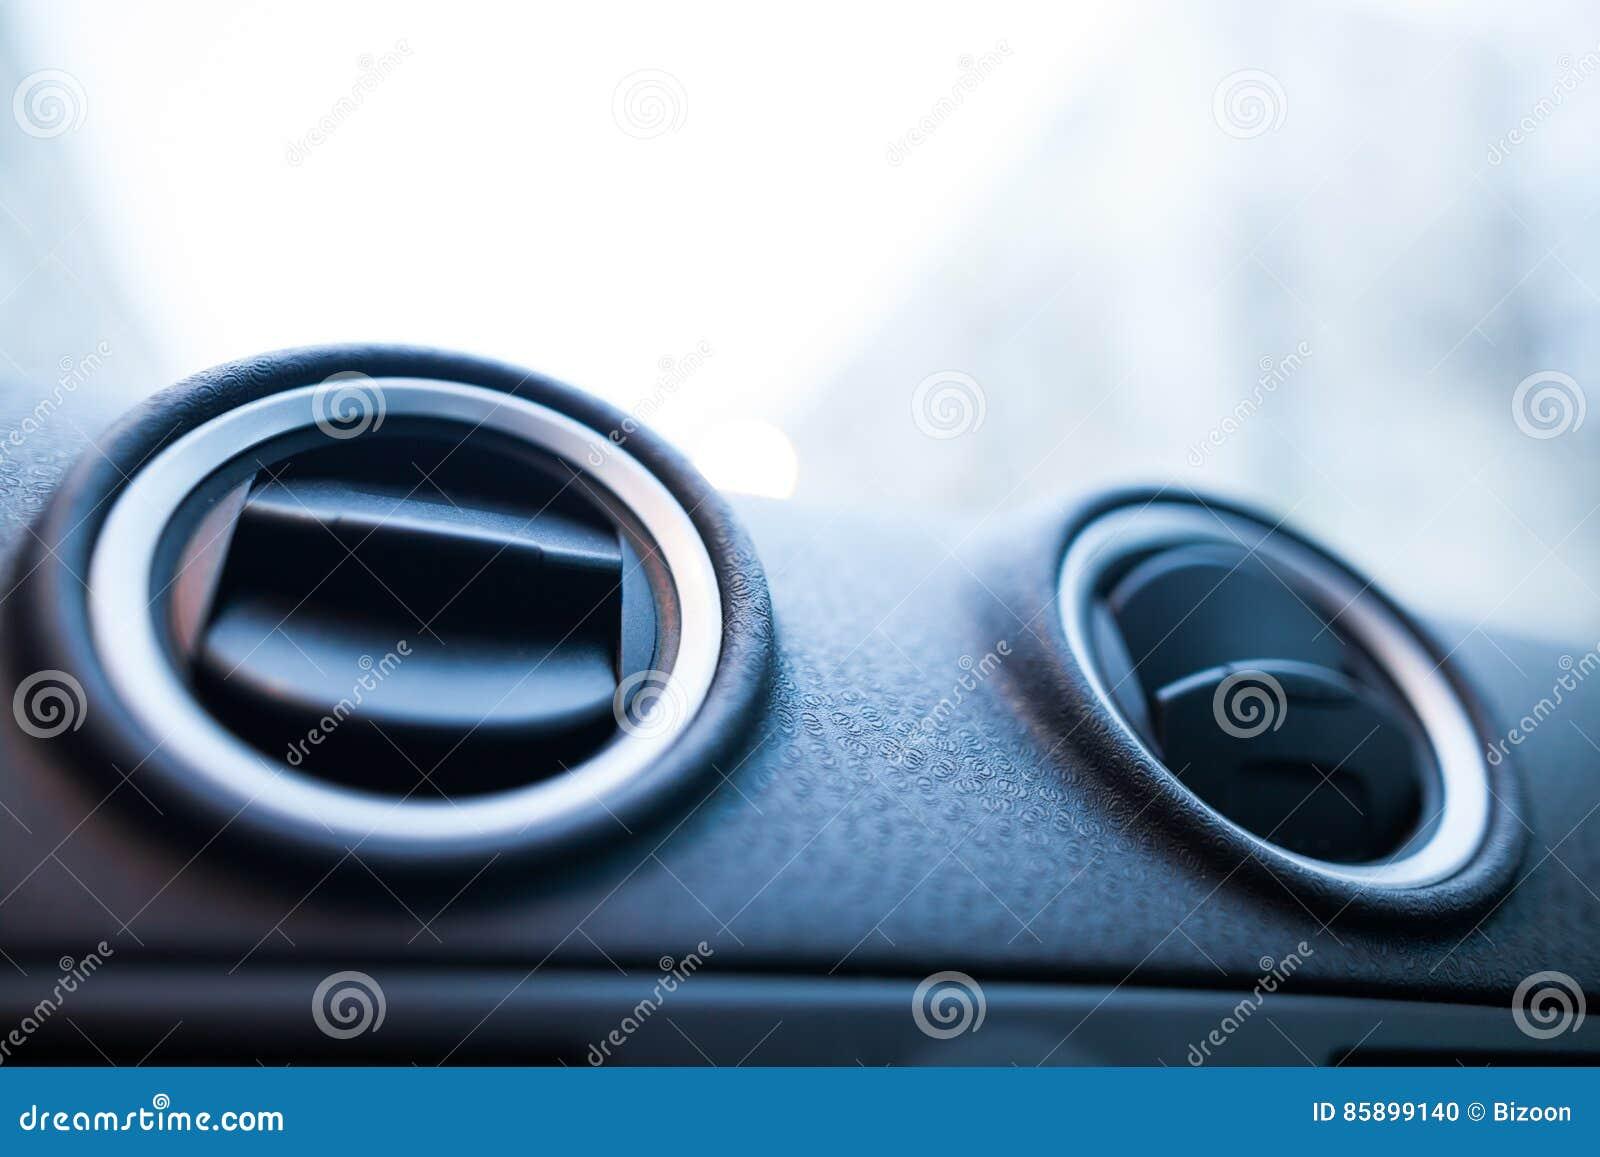 Detalle de las salidas de aire del coche